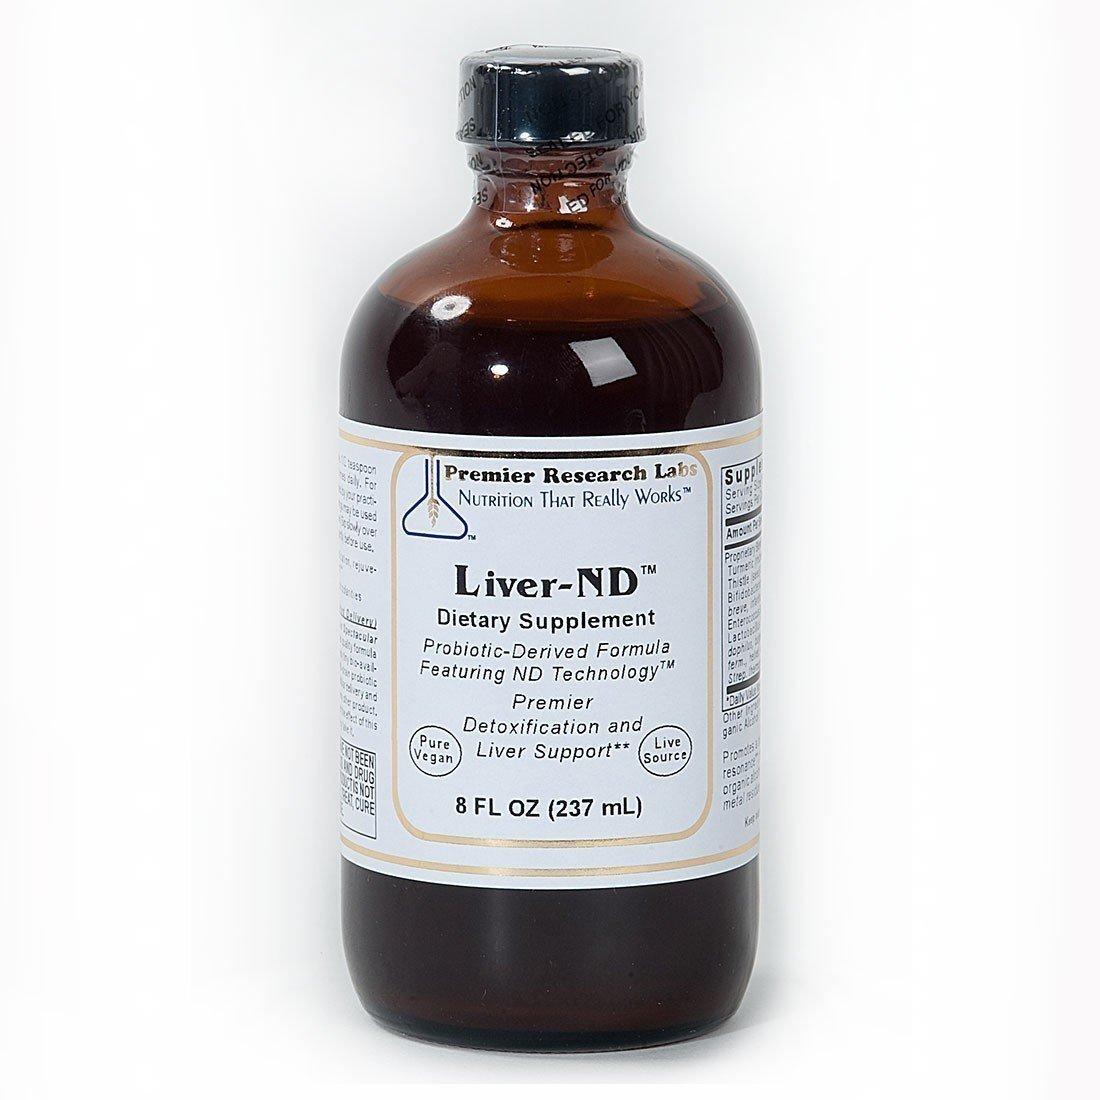 Premier Research Labs Liver ND 16 Oz / 2 Bottles Detox Support